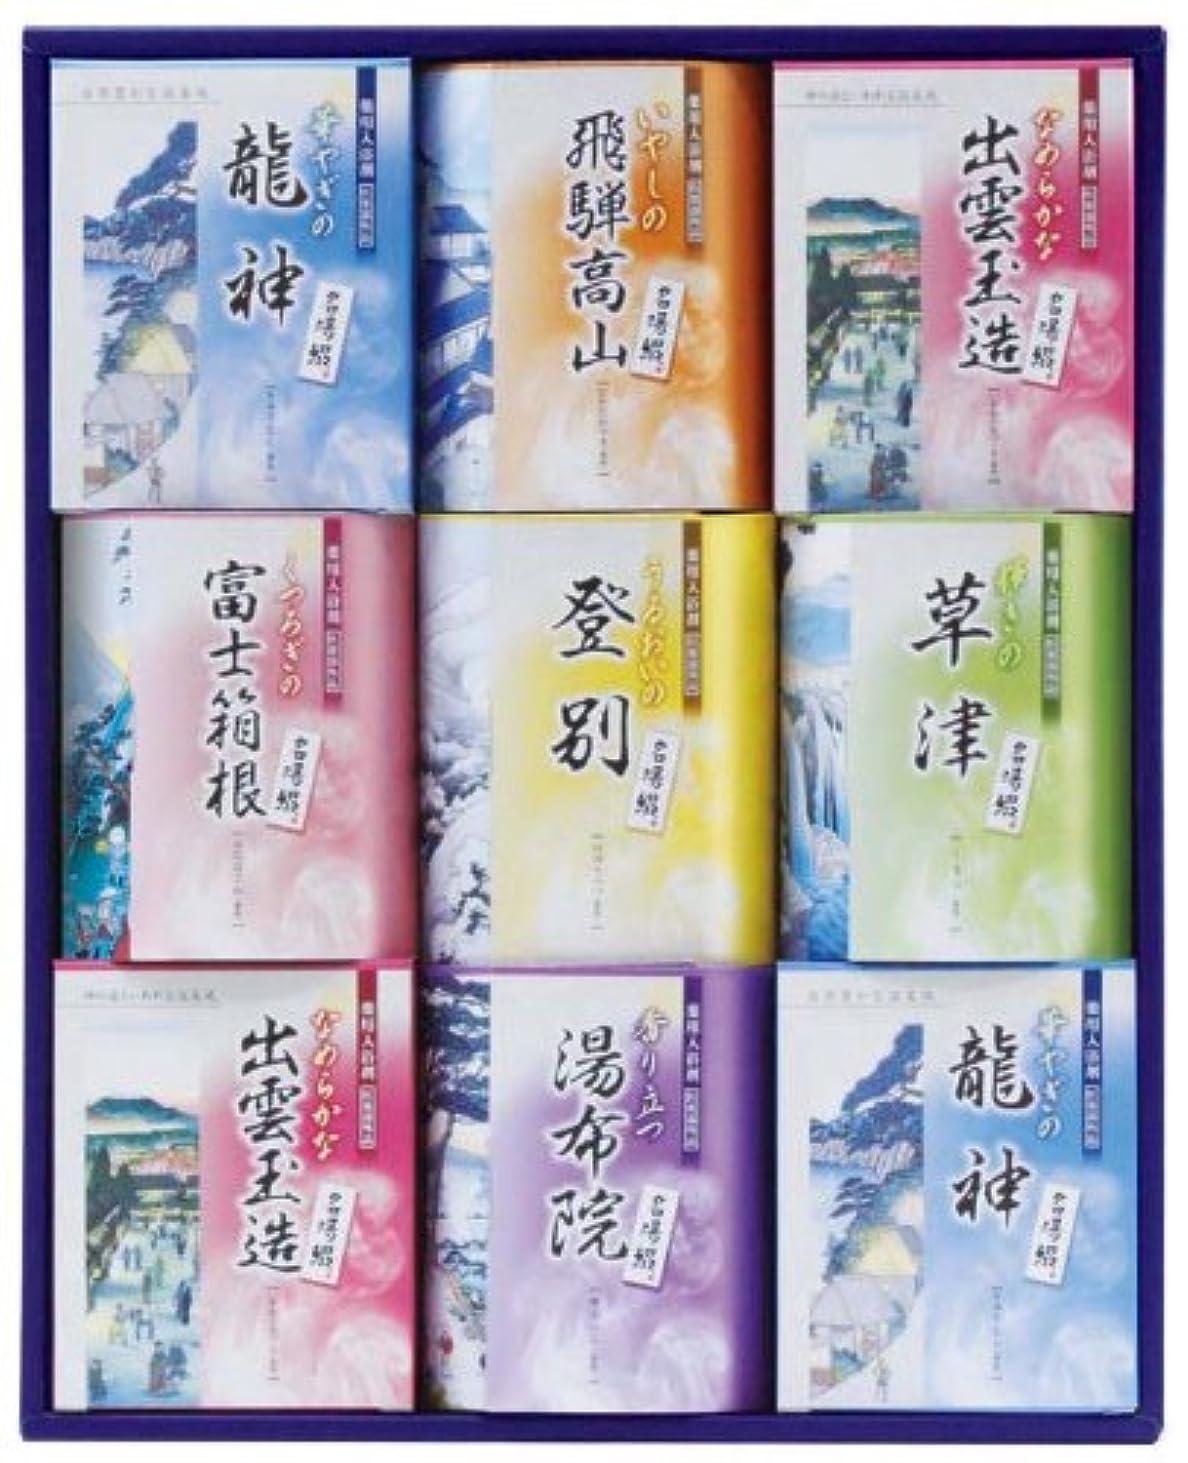 鉛最悪カテナTML-20名湯綴 薬用入浴剤セット